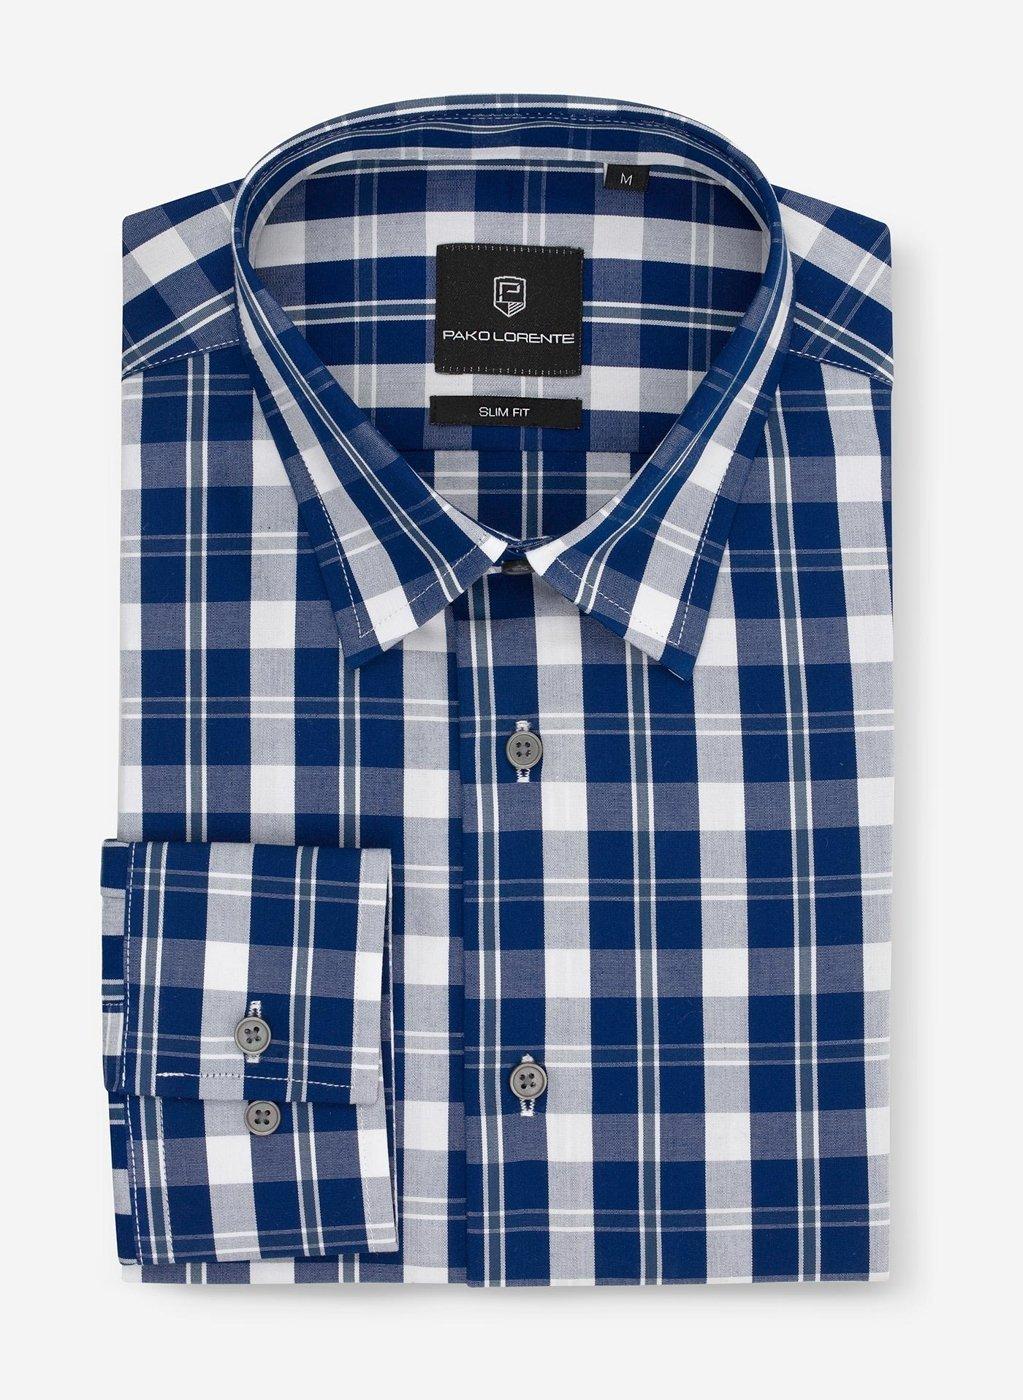 Koszula męska BARNABY PLM-1X-337-G